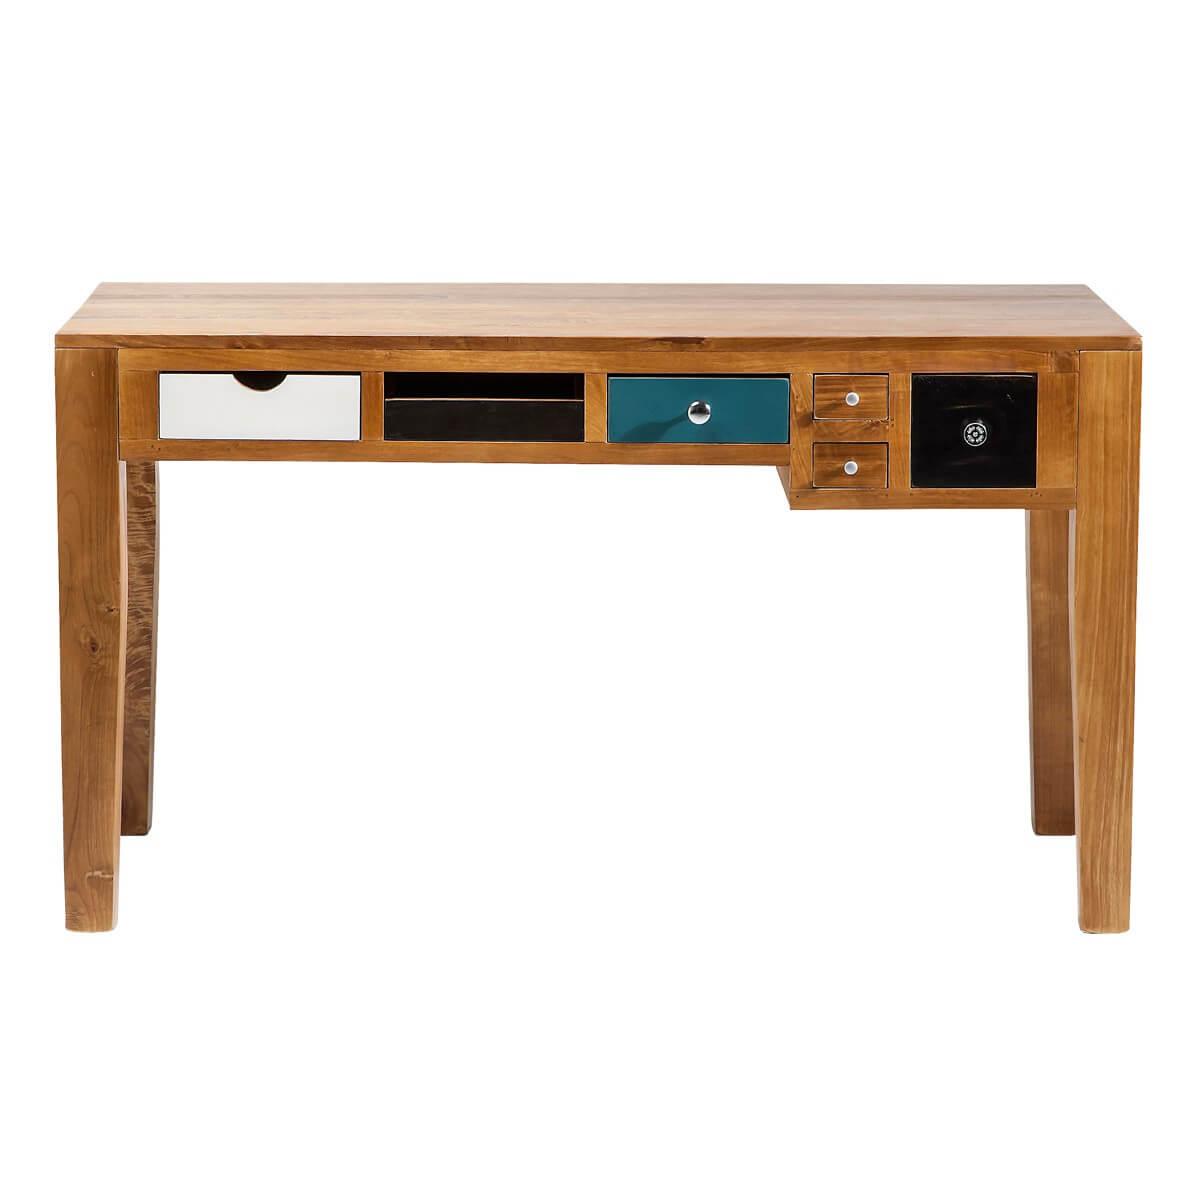 schreibtisch b rotisch computertisch kare design babalou braun bunt neu ebay. Black Bedroom Furniture Sets. Home Design Ideas